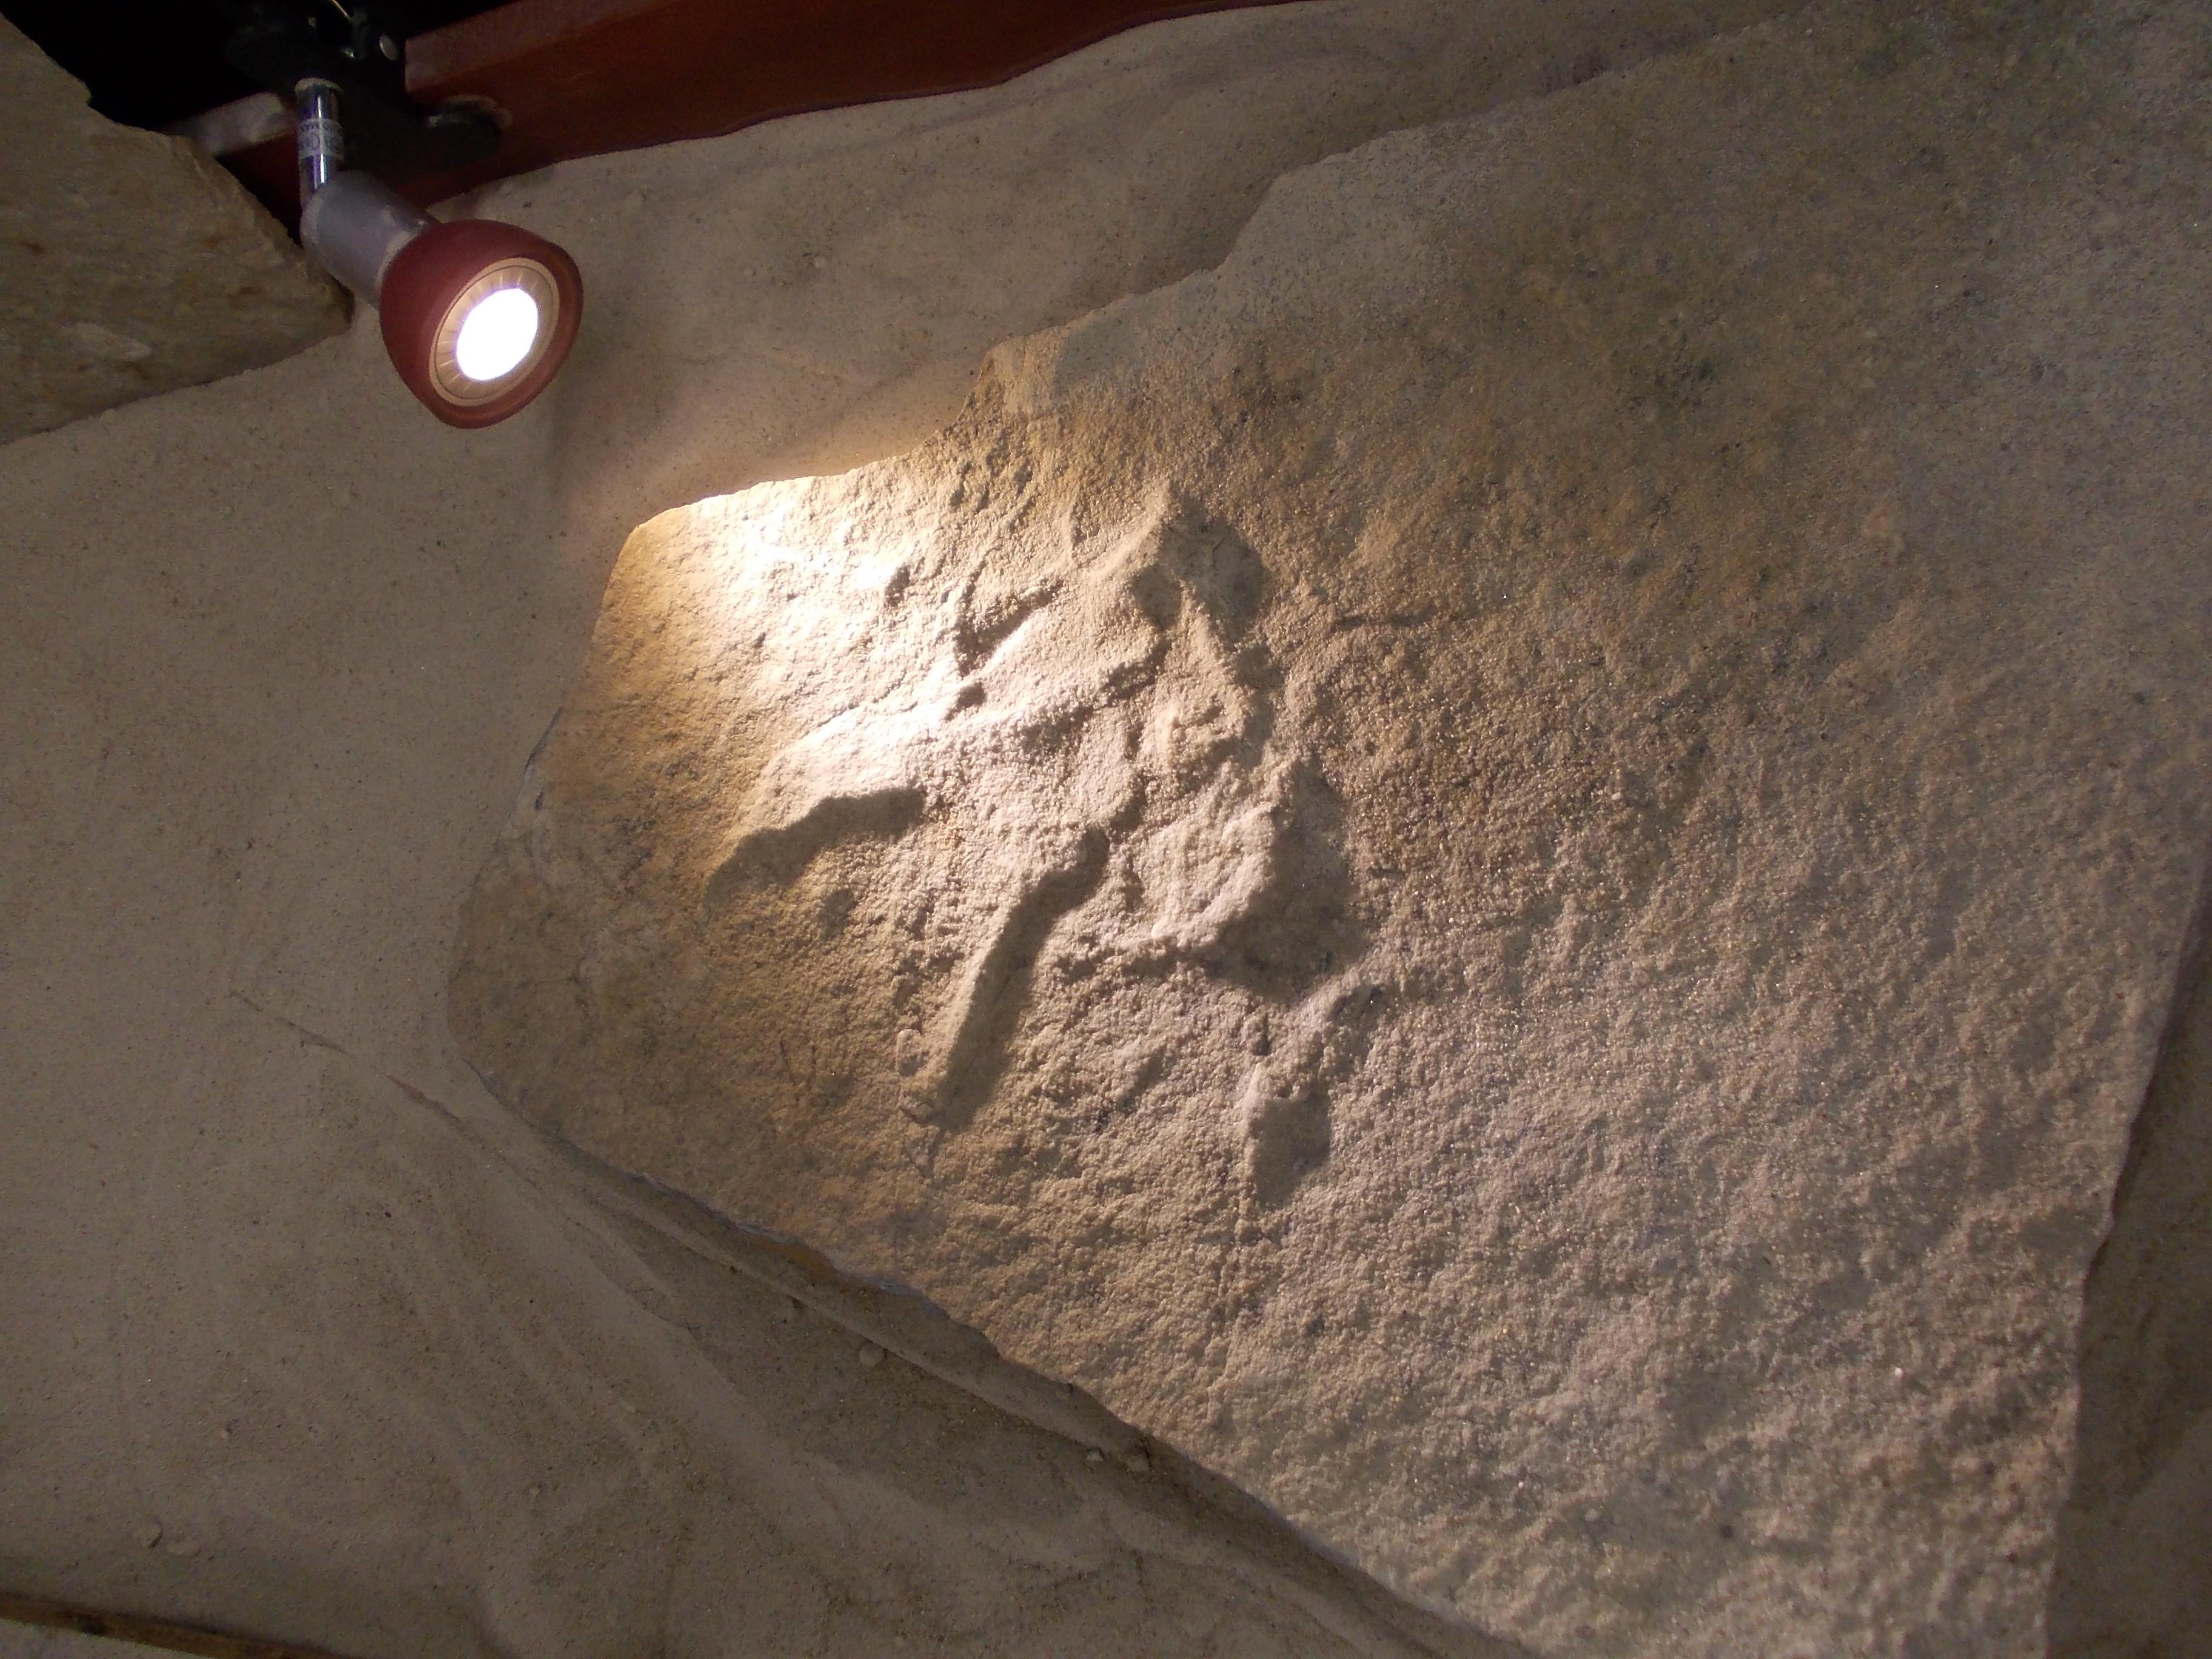 Stopa ichnorodu Anomoepus, představující zřejmě vůbec nejstarší fosilní pozůstatek po přítomnosti dinosaurů na našem území. Jeho původce tu žil před více než dvěma sty miliony let. Kredit: © Vladimír Socha, 2015 (Chlupáčovo